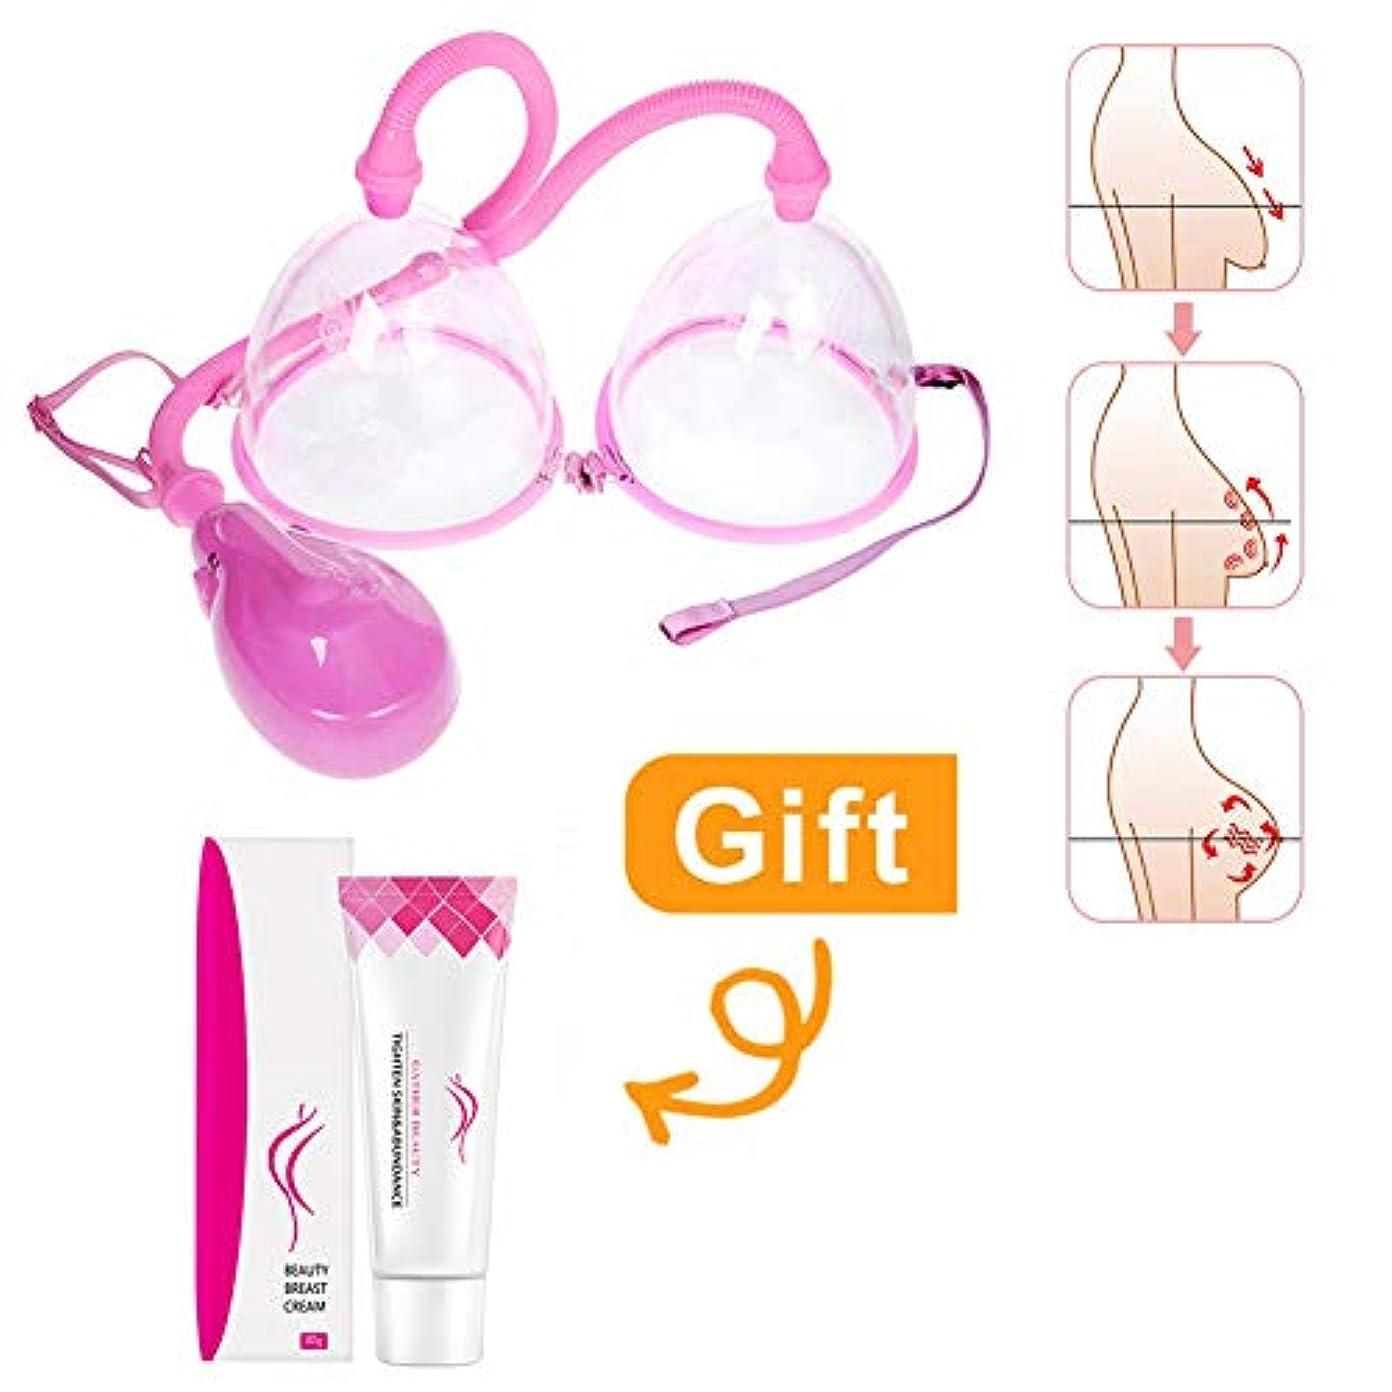 ダース曲低下電気胸部マッサージ器は乳房増強器具胸の拡大クリームを持つ女性のための拡大女性胸カップ,L